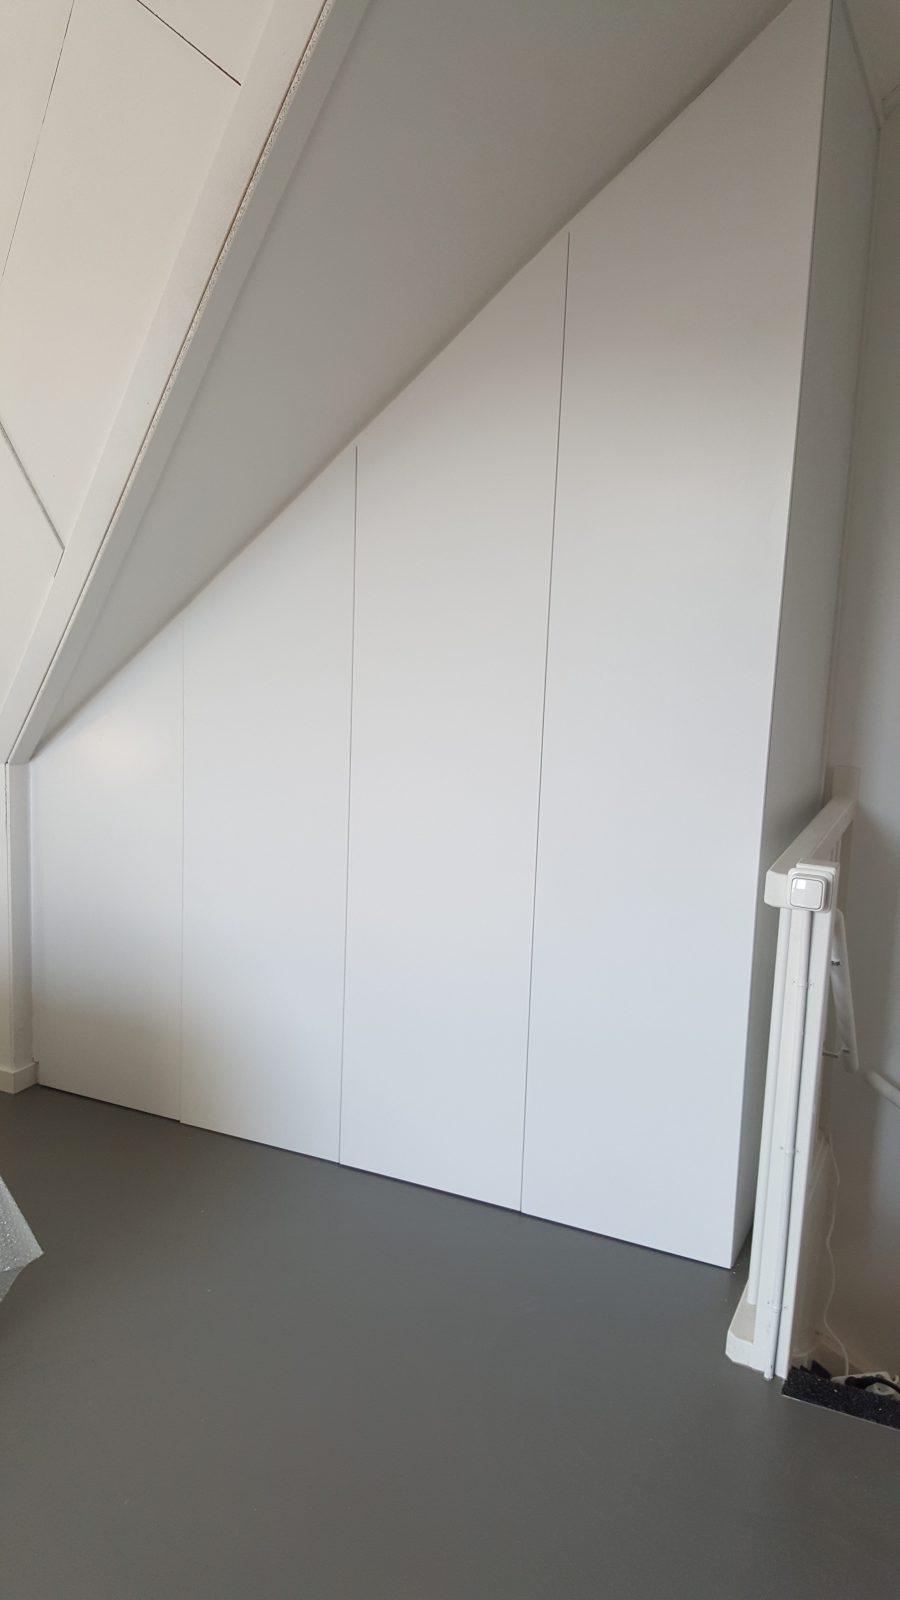 rbhoutwerk inbouwkast schuin dak